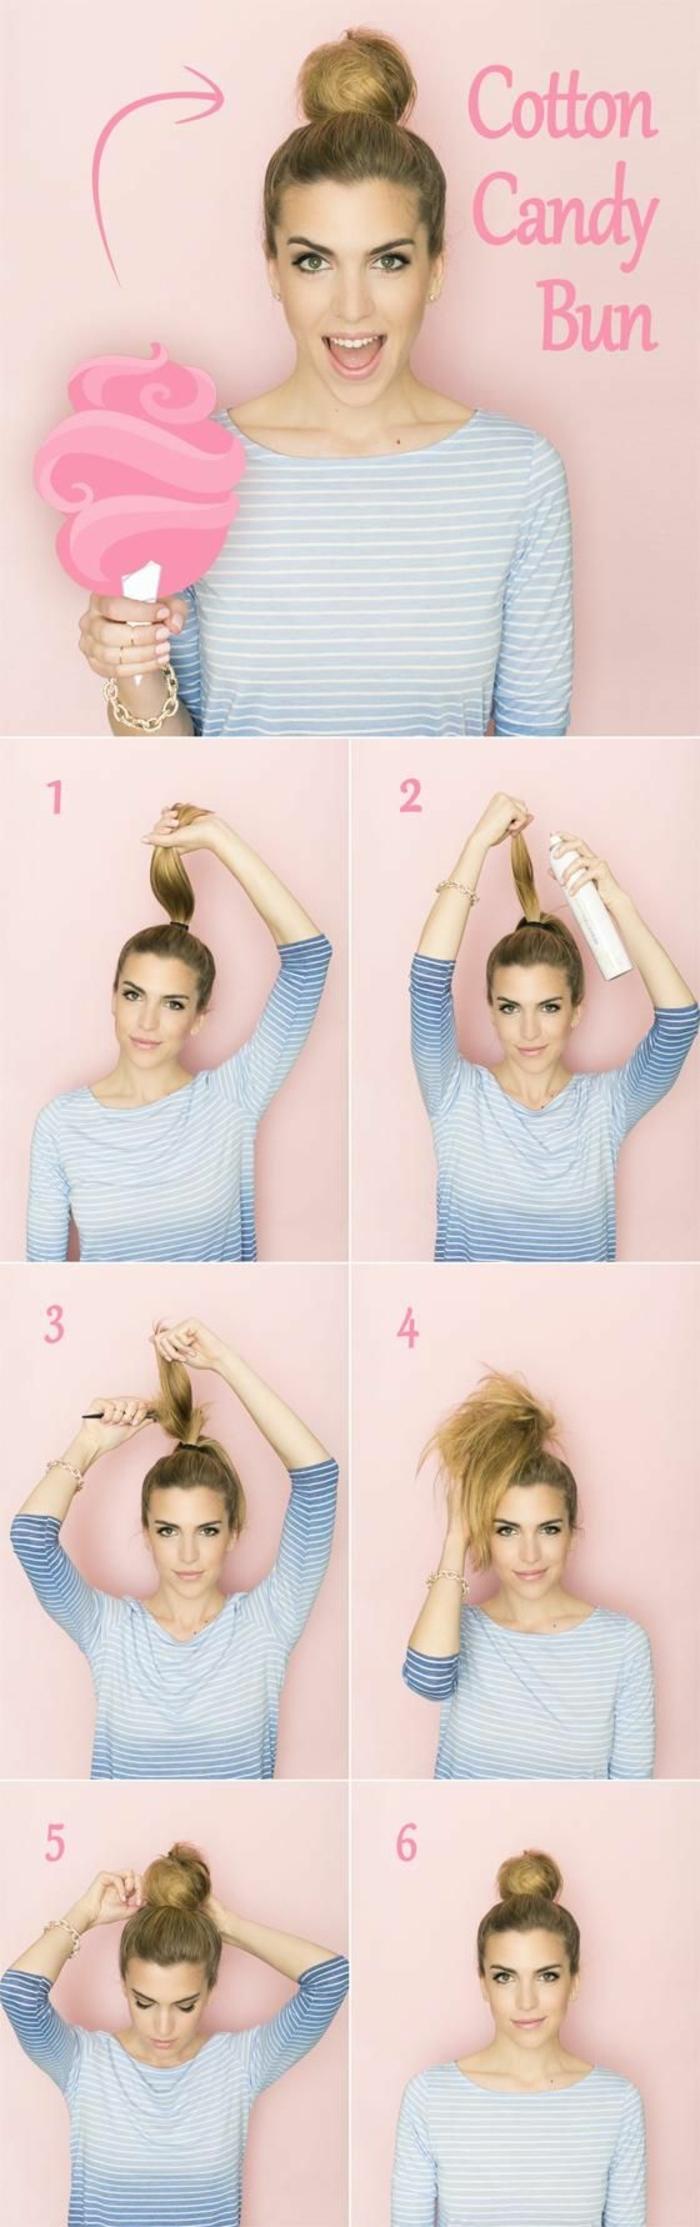 idée comment faire un chignon facile à partir de cheveux crêpés en queue de cheval, coiffure féminine élégante